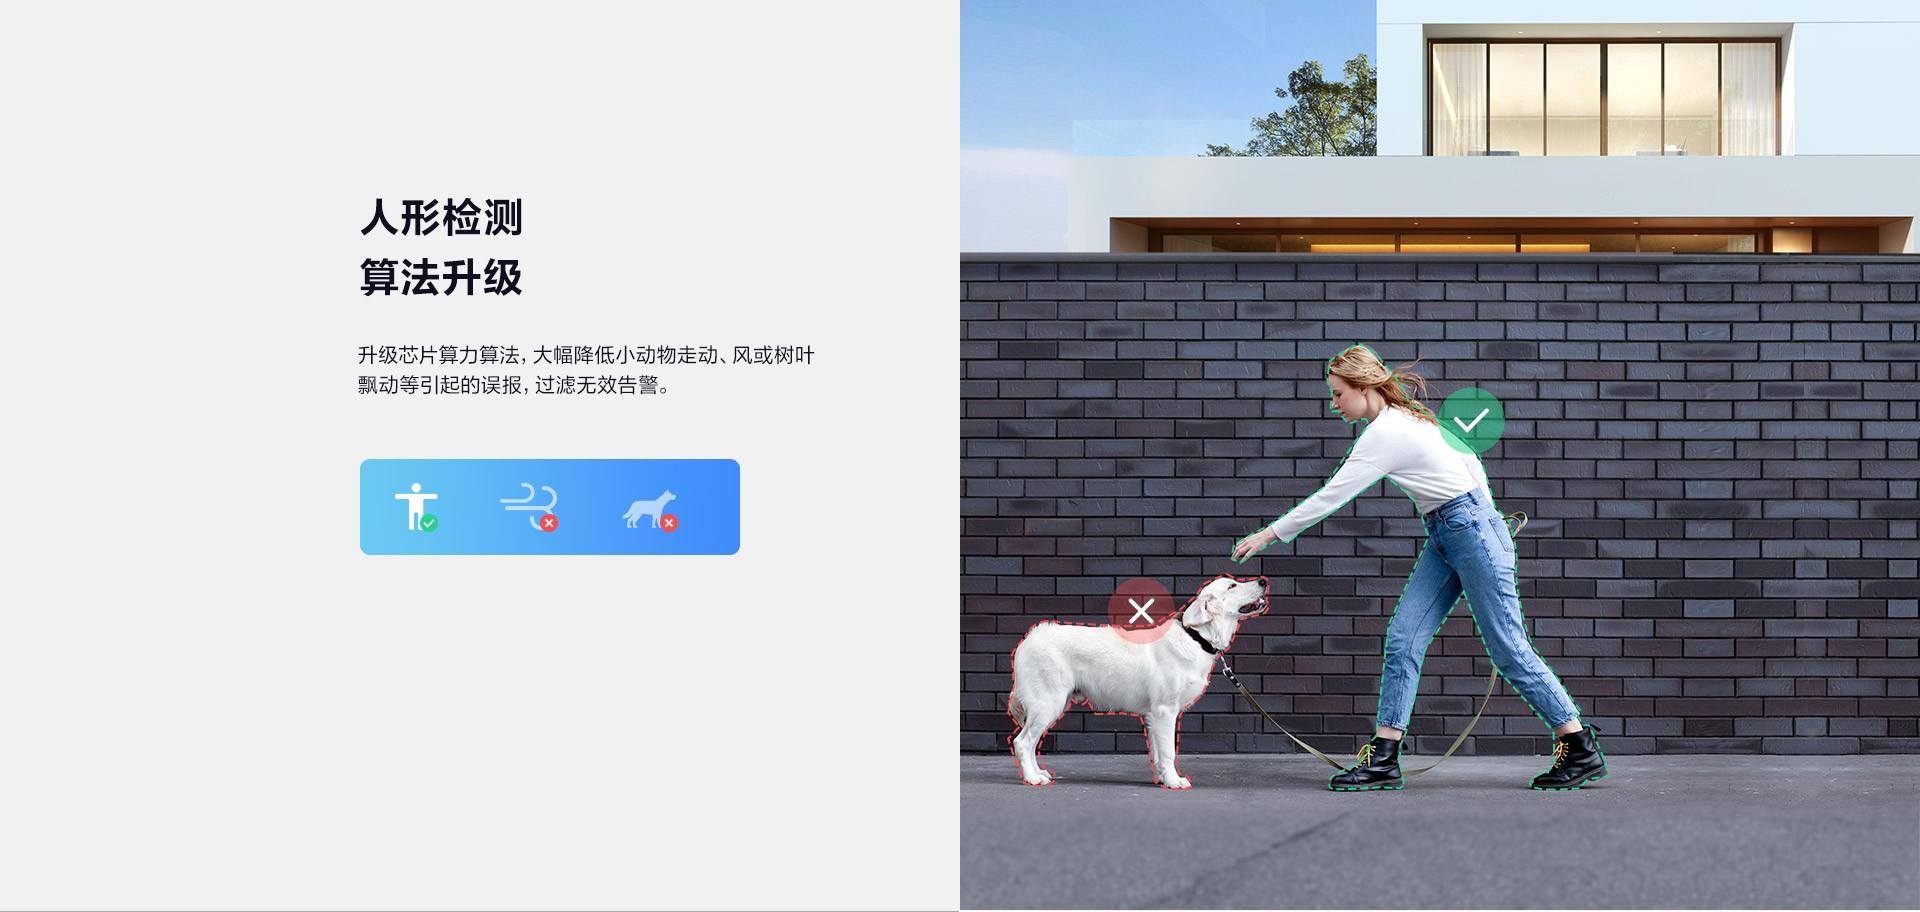 WEB(切图)_11.jpg